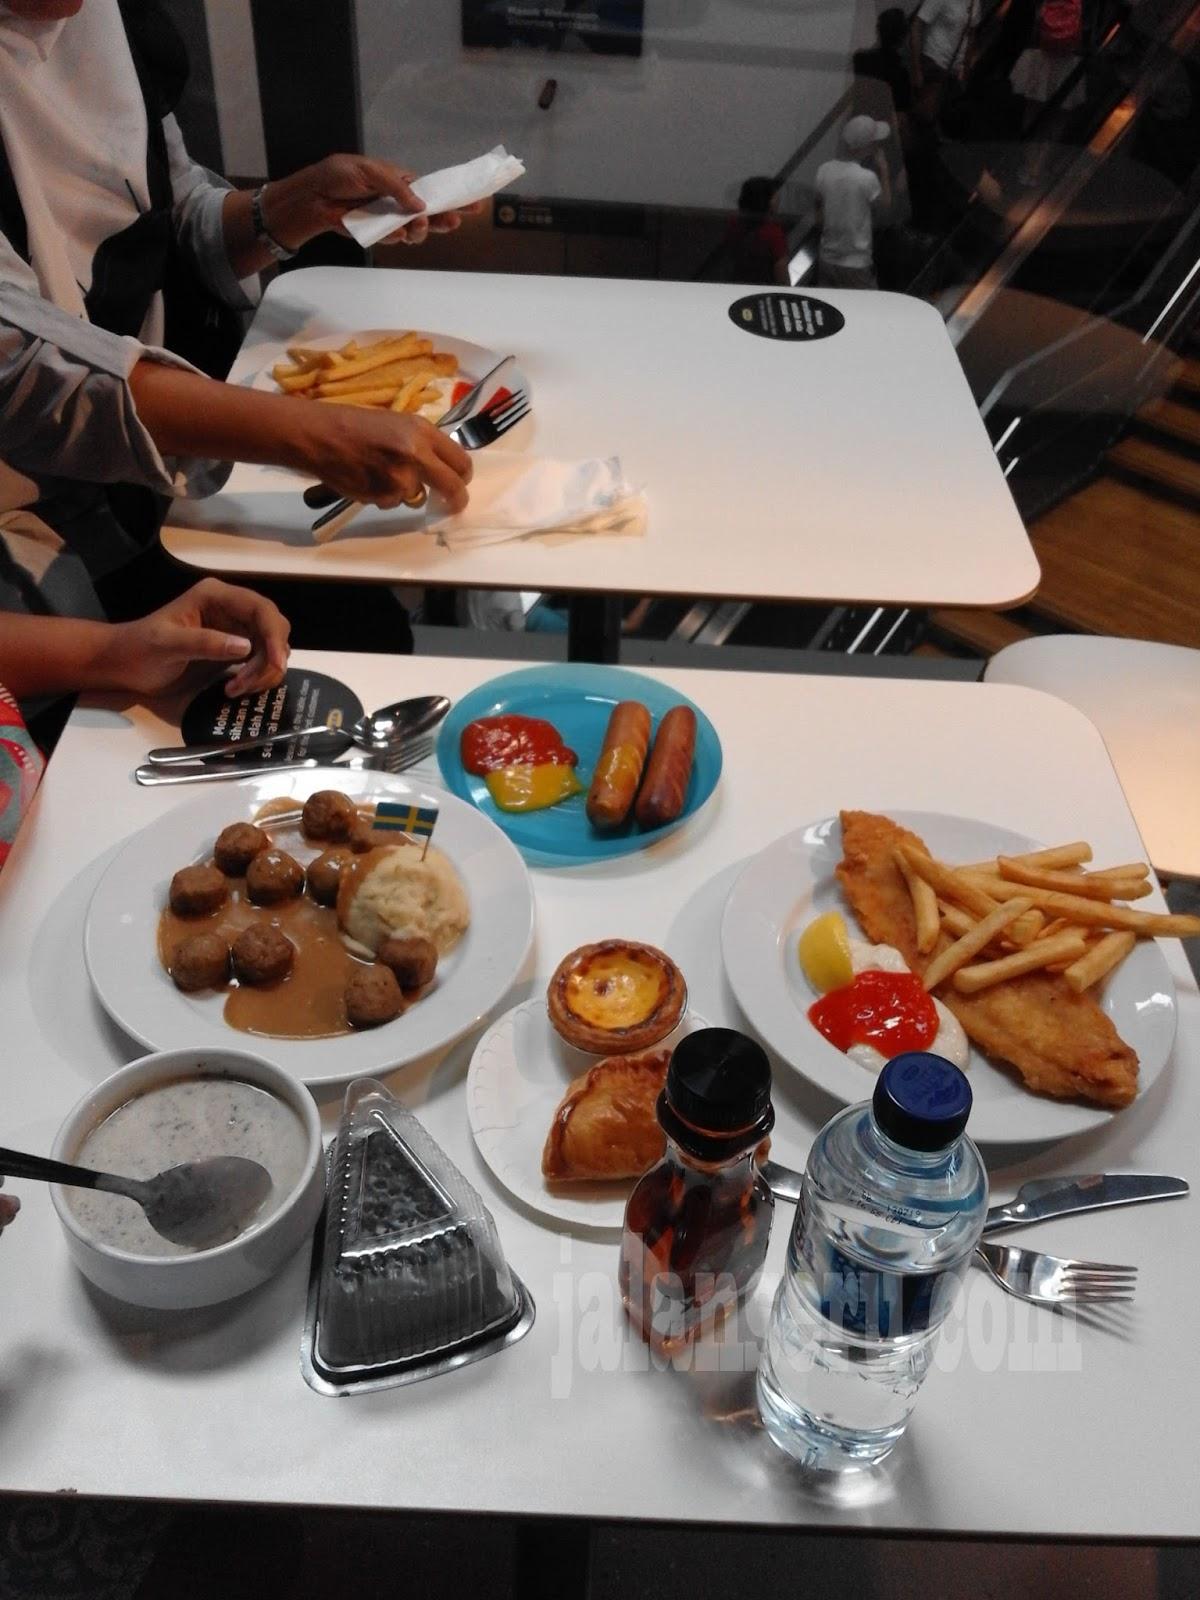 Icip Icip Makan Enak Di Restoran Ikea Alam Sutra Tangerang Jalan